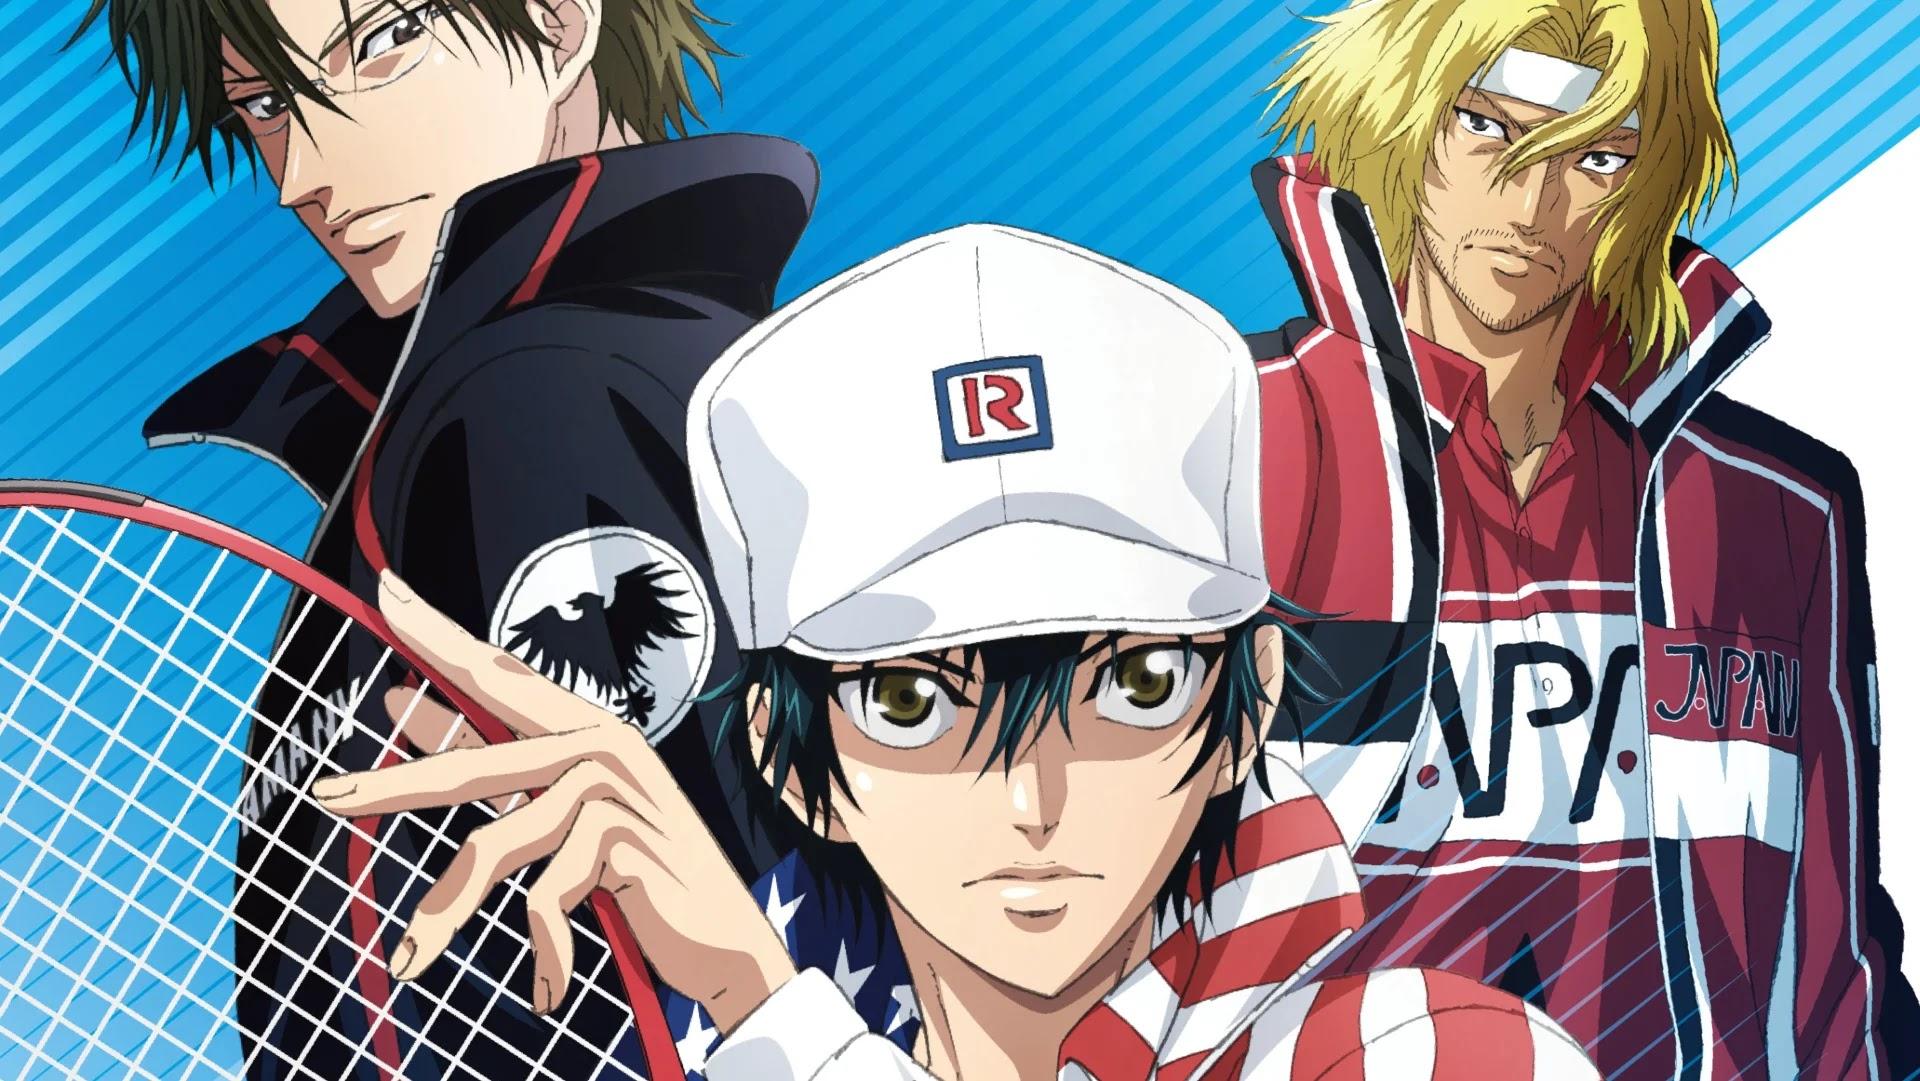 Novo Anime de Shin Tennis no Ouji-sama é Anunciado para 2022